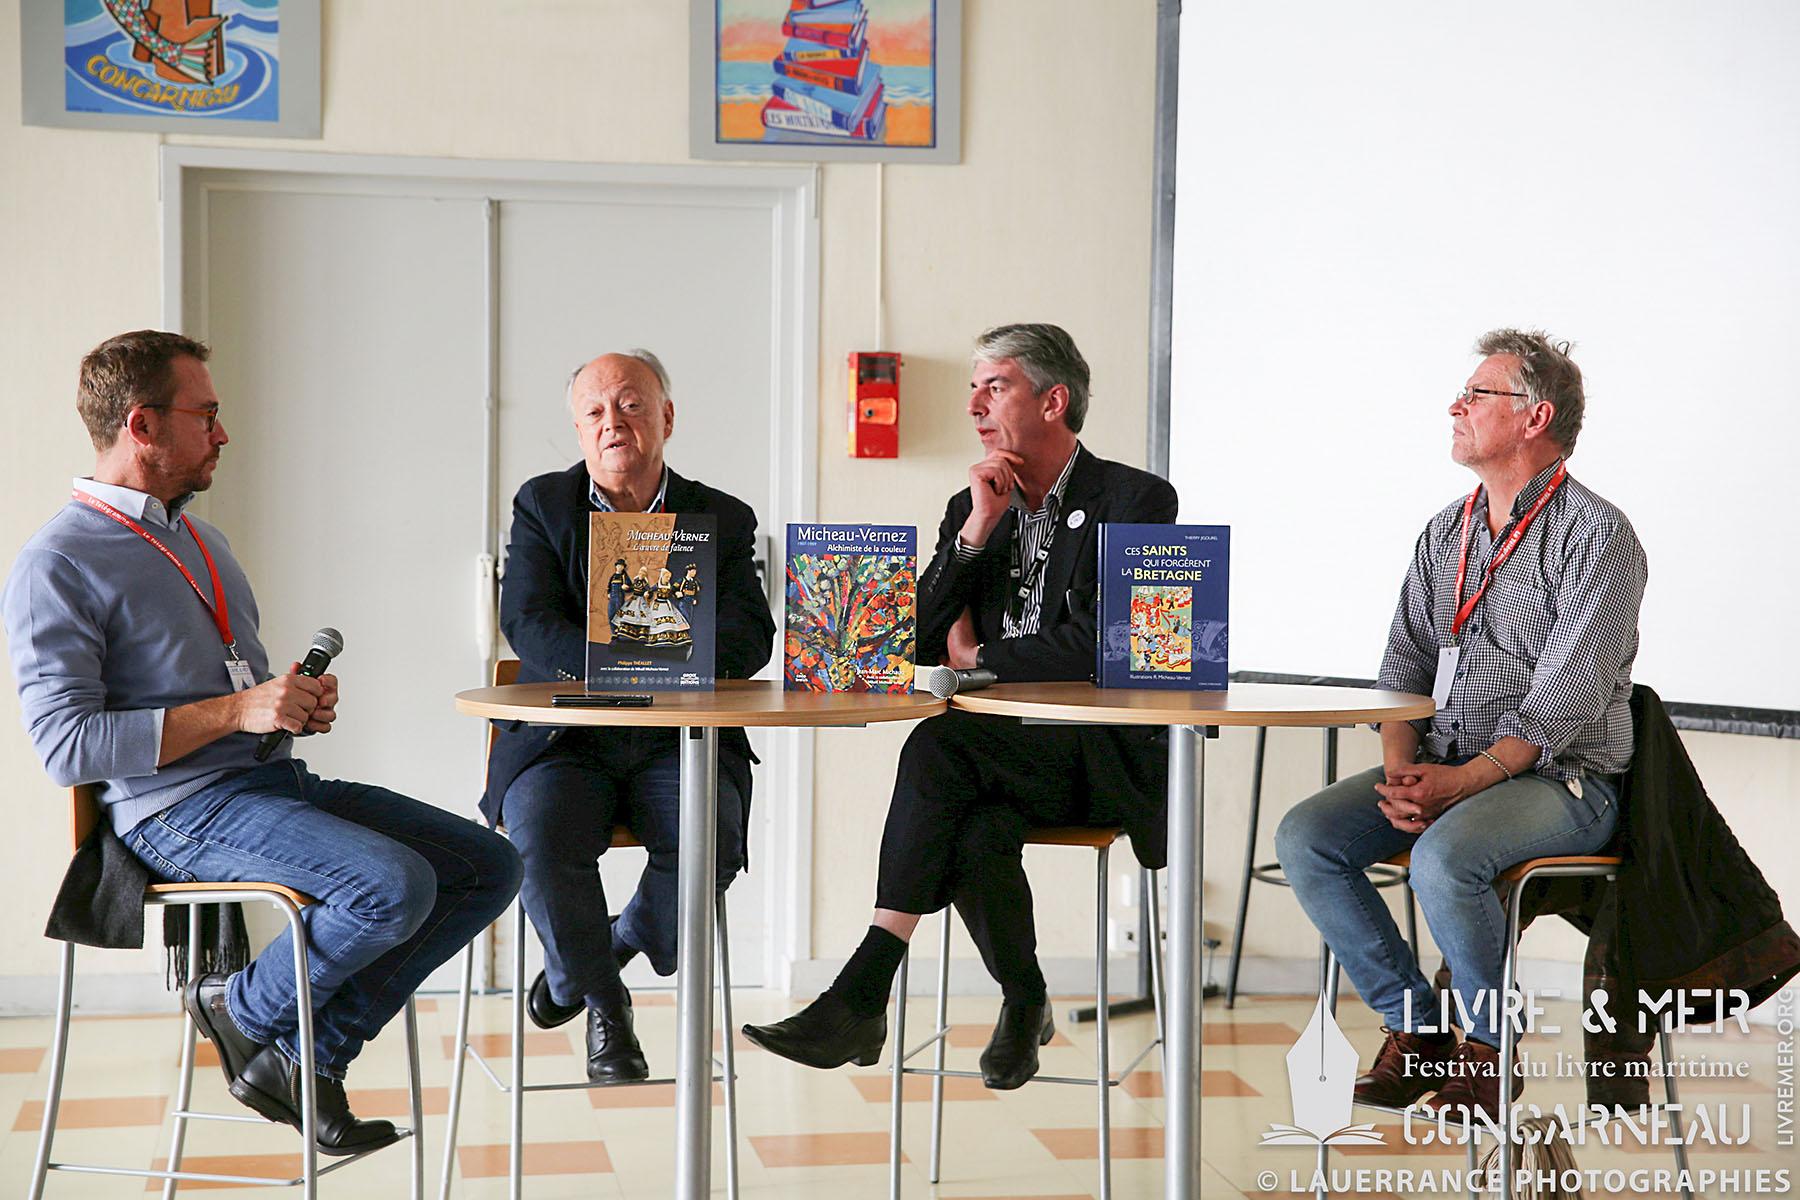 Philippe Théallet, Mikaël Micheau-Vernez, Brieg Haslé-Le Gall & Thierry Jigourel © Lauerrance Photographies